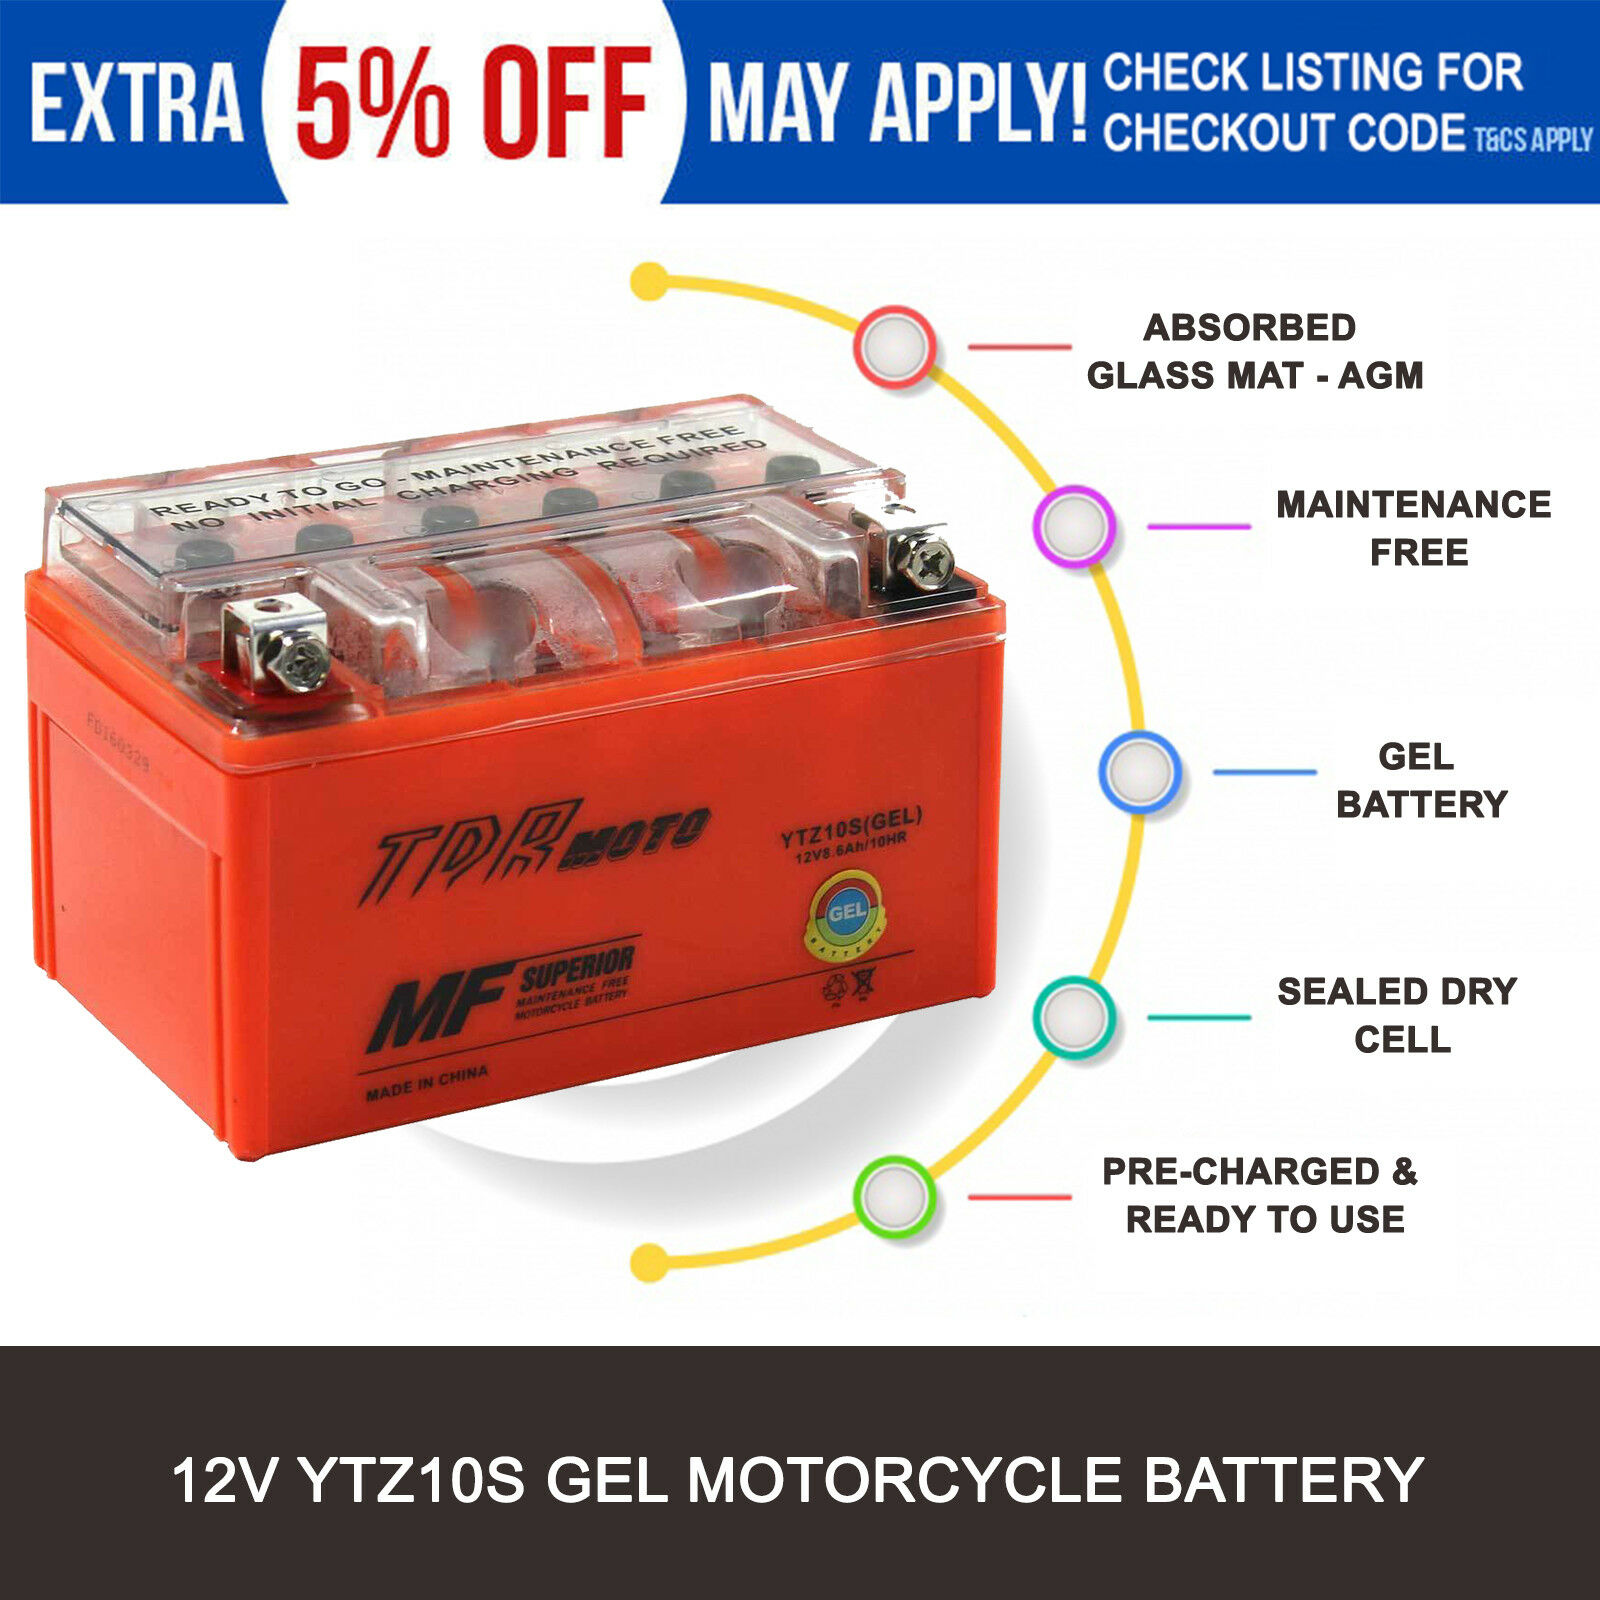 Ytz10s Gel Battery Honda Cbr1000ra Cbr1000rr Cbr600rr Vt600c Cd